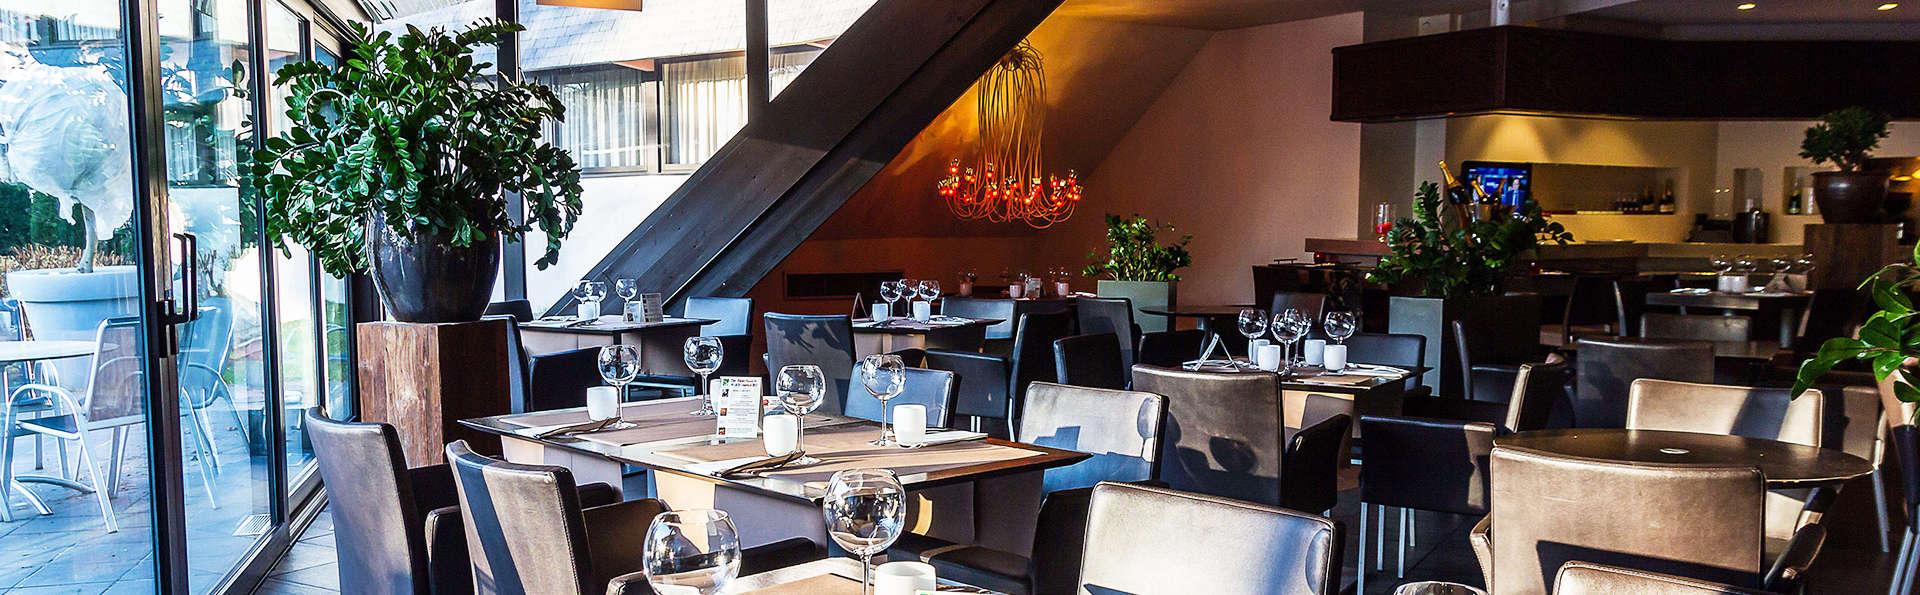 Voyage culinaire près de Chambéry